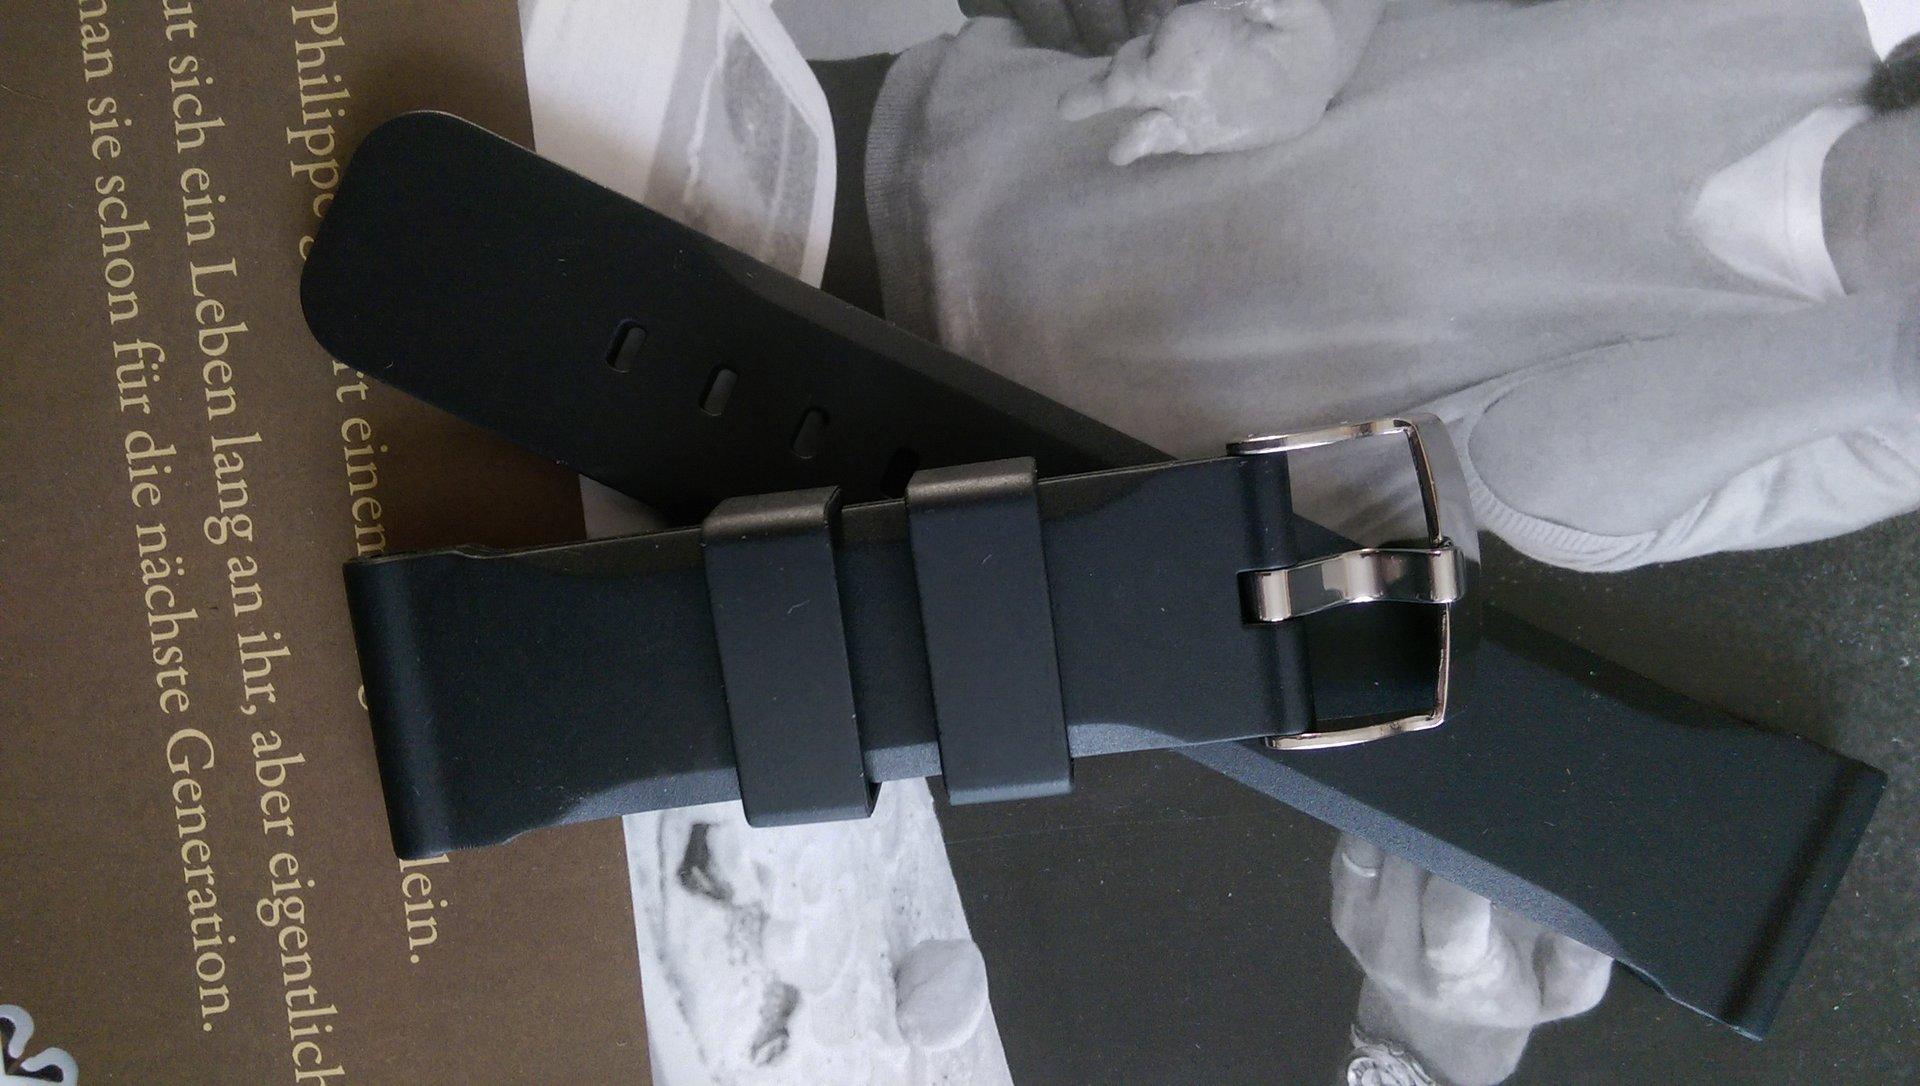 erledigt schwarzes silikon band h2o kalmar 2 24mm neu. Black Bedroom Furniture Sets. Home Design Ideas